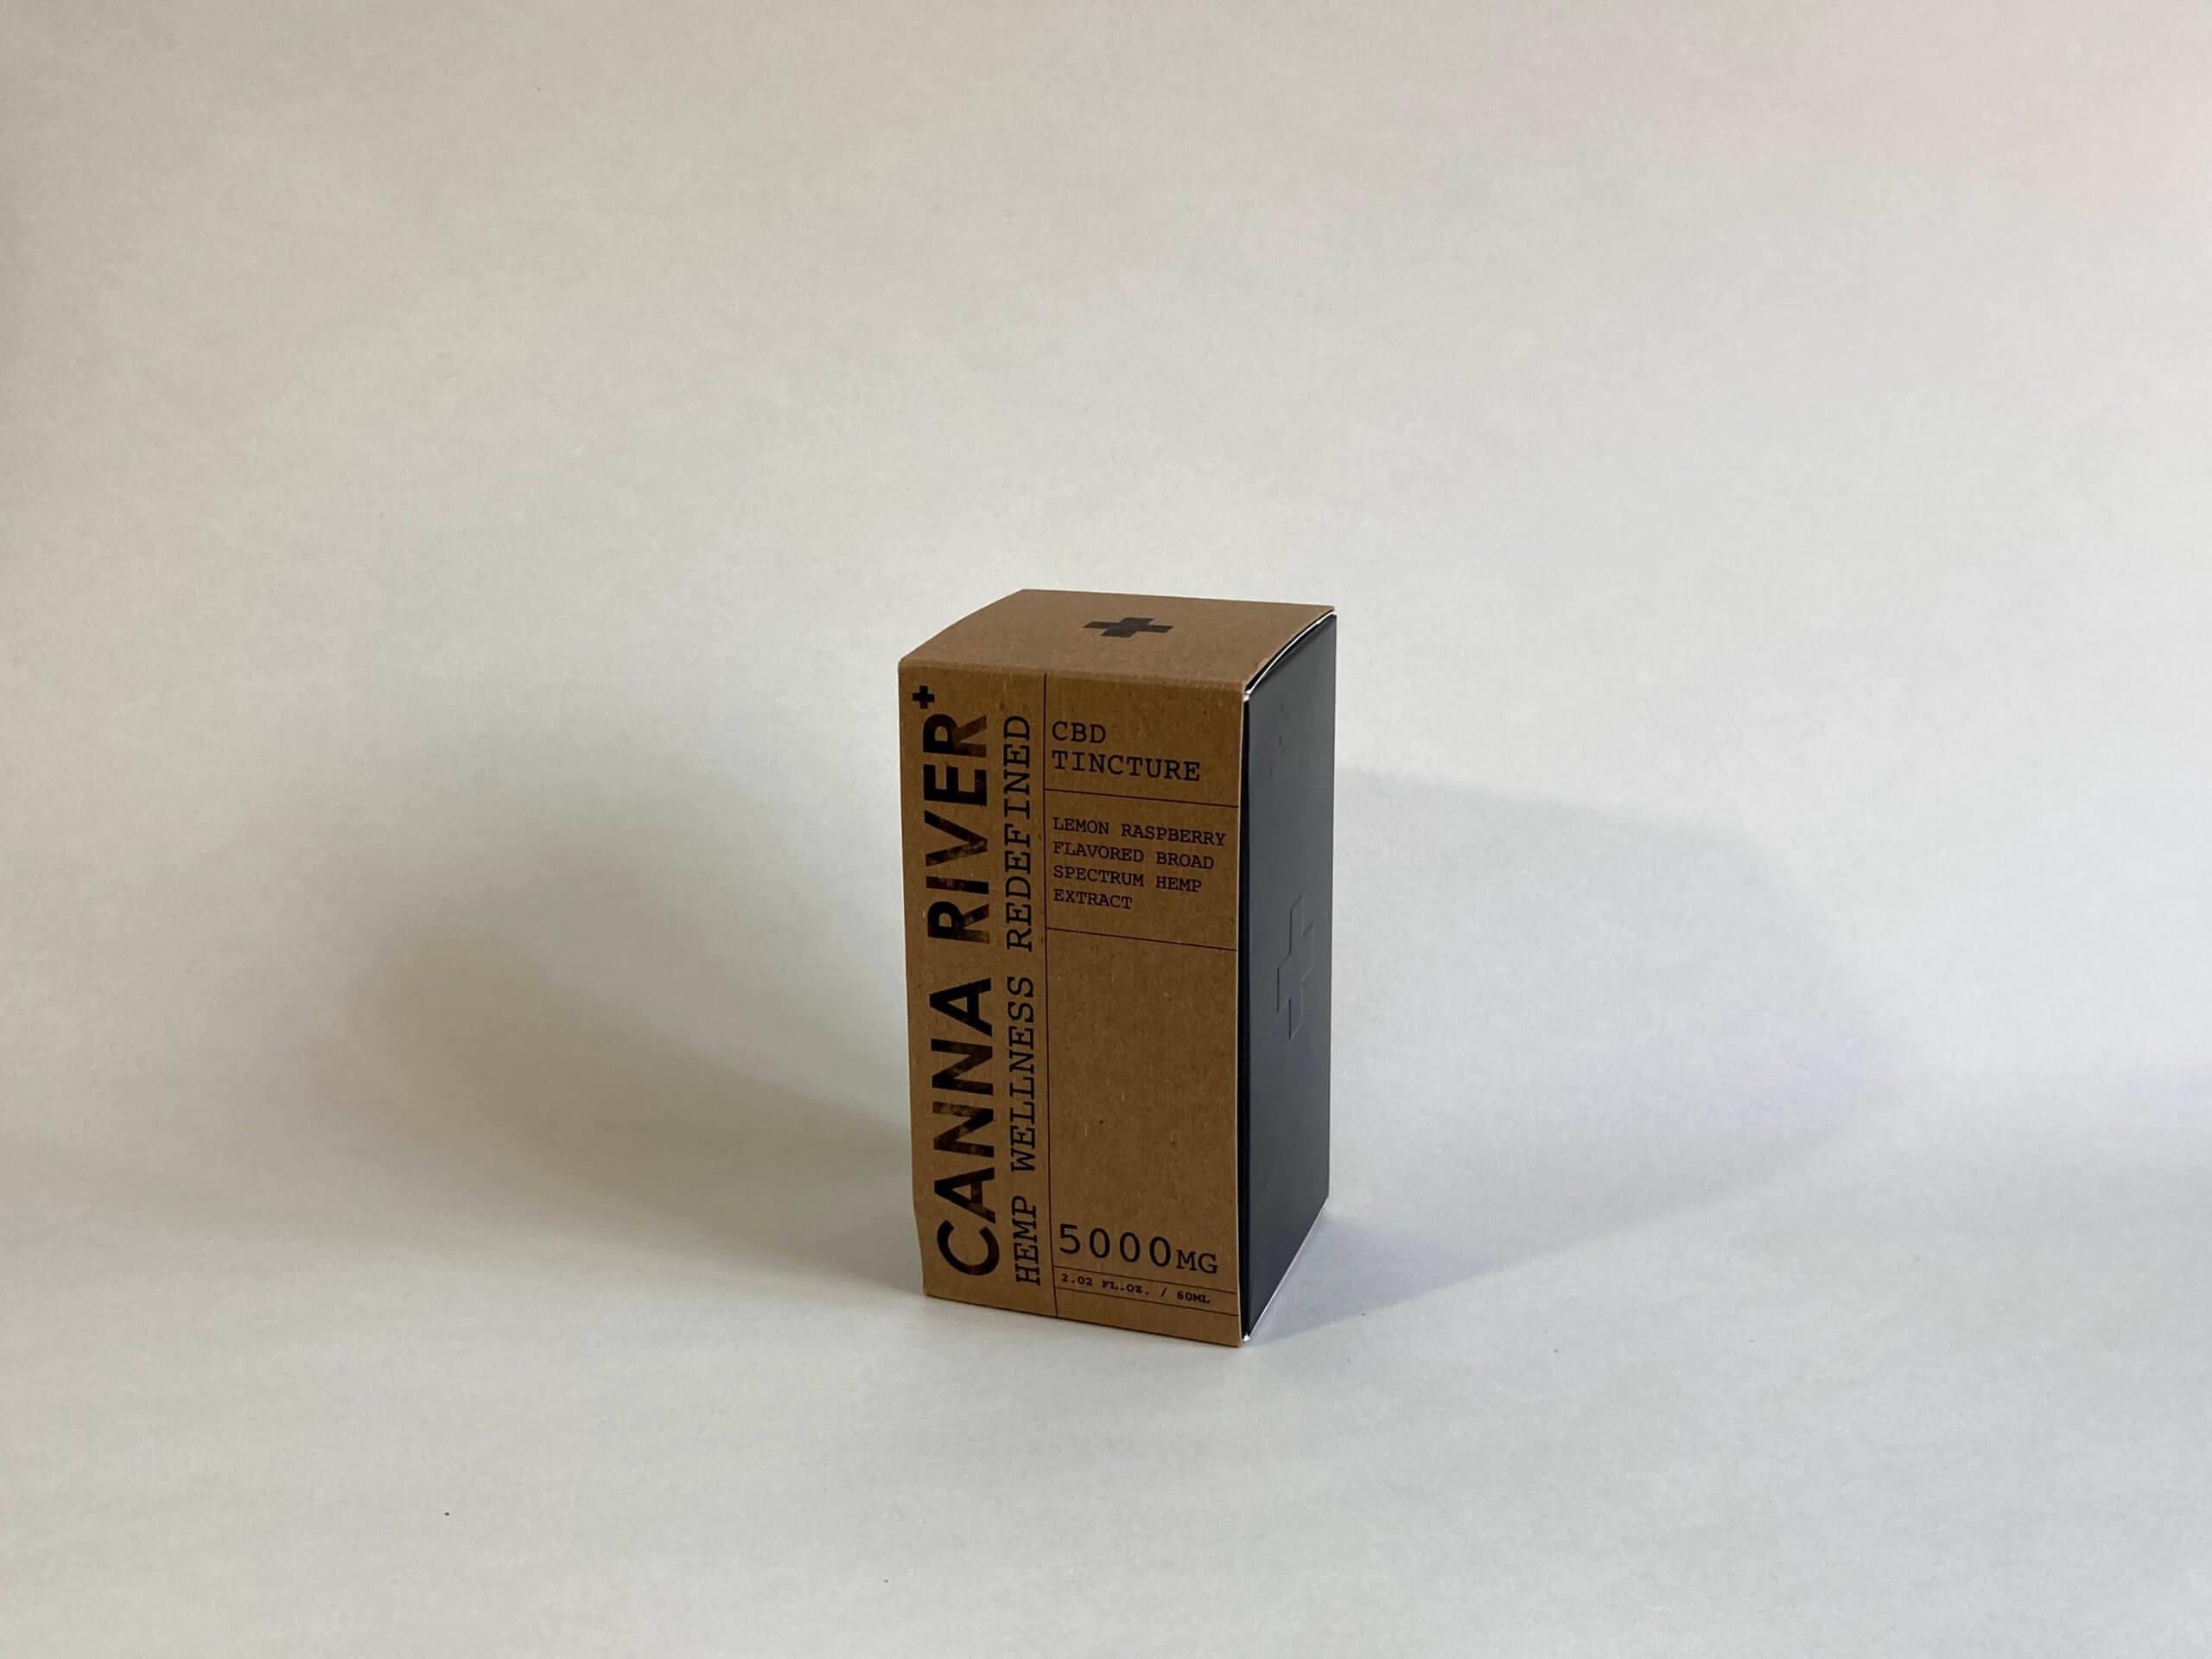 カンナリバー、箱の外観